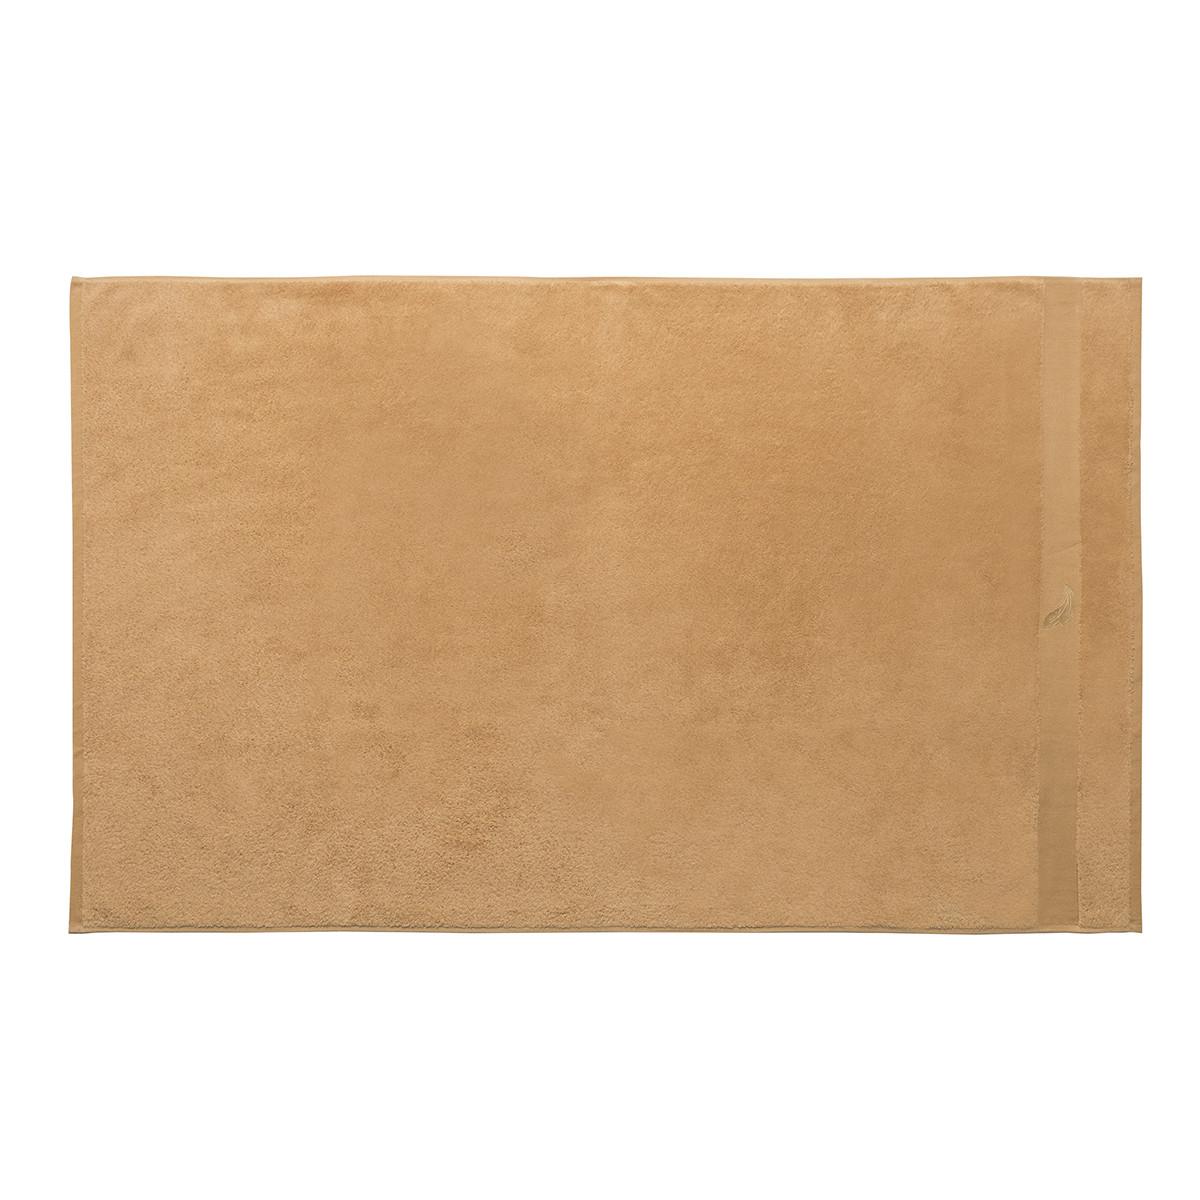 Drap de bain coton 90x150 cm cachemire